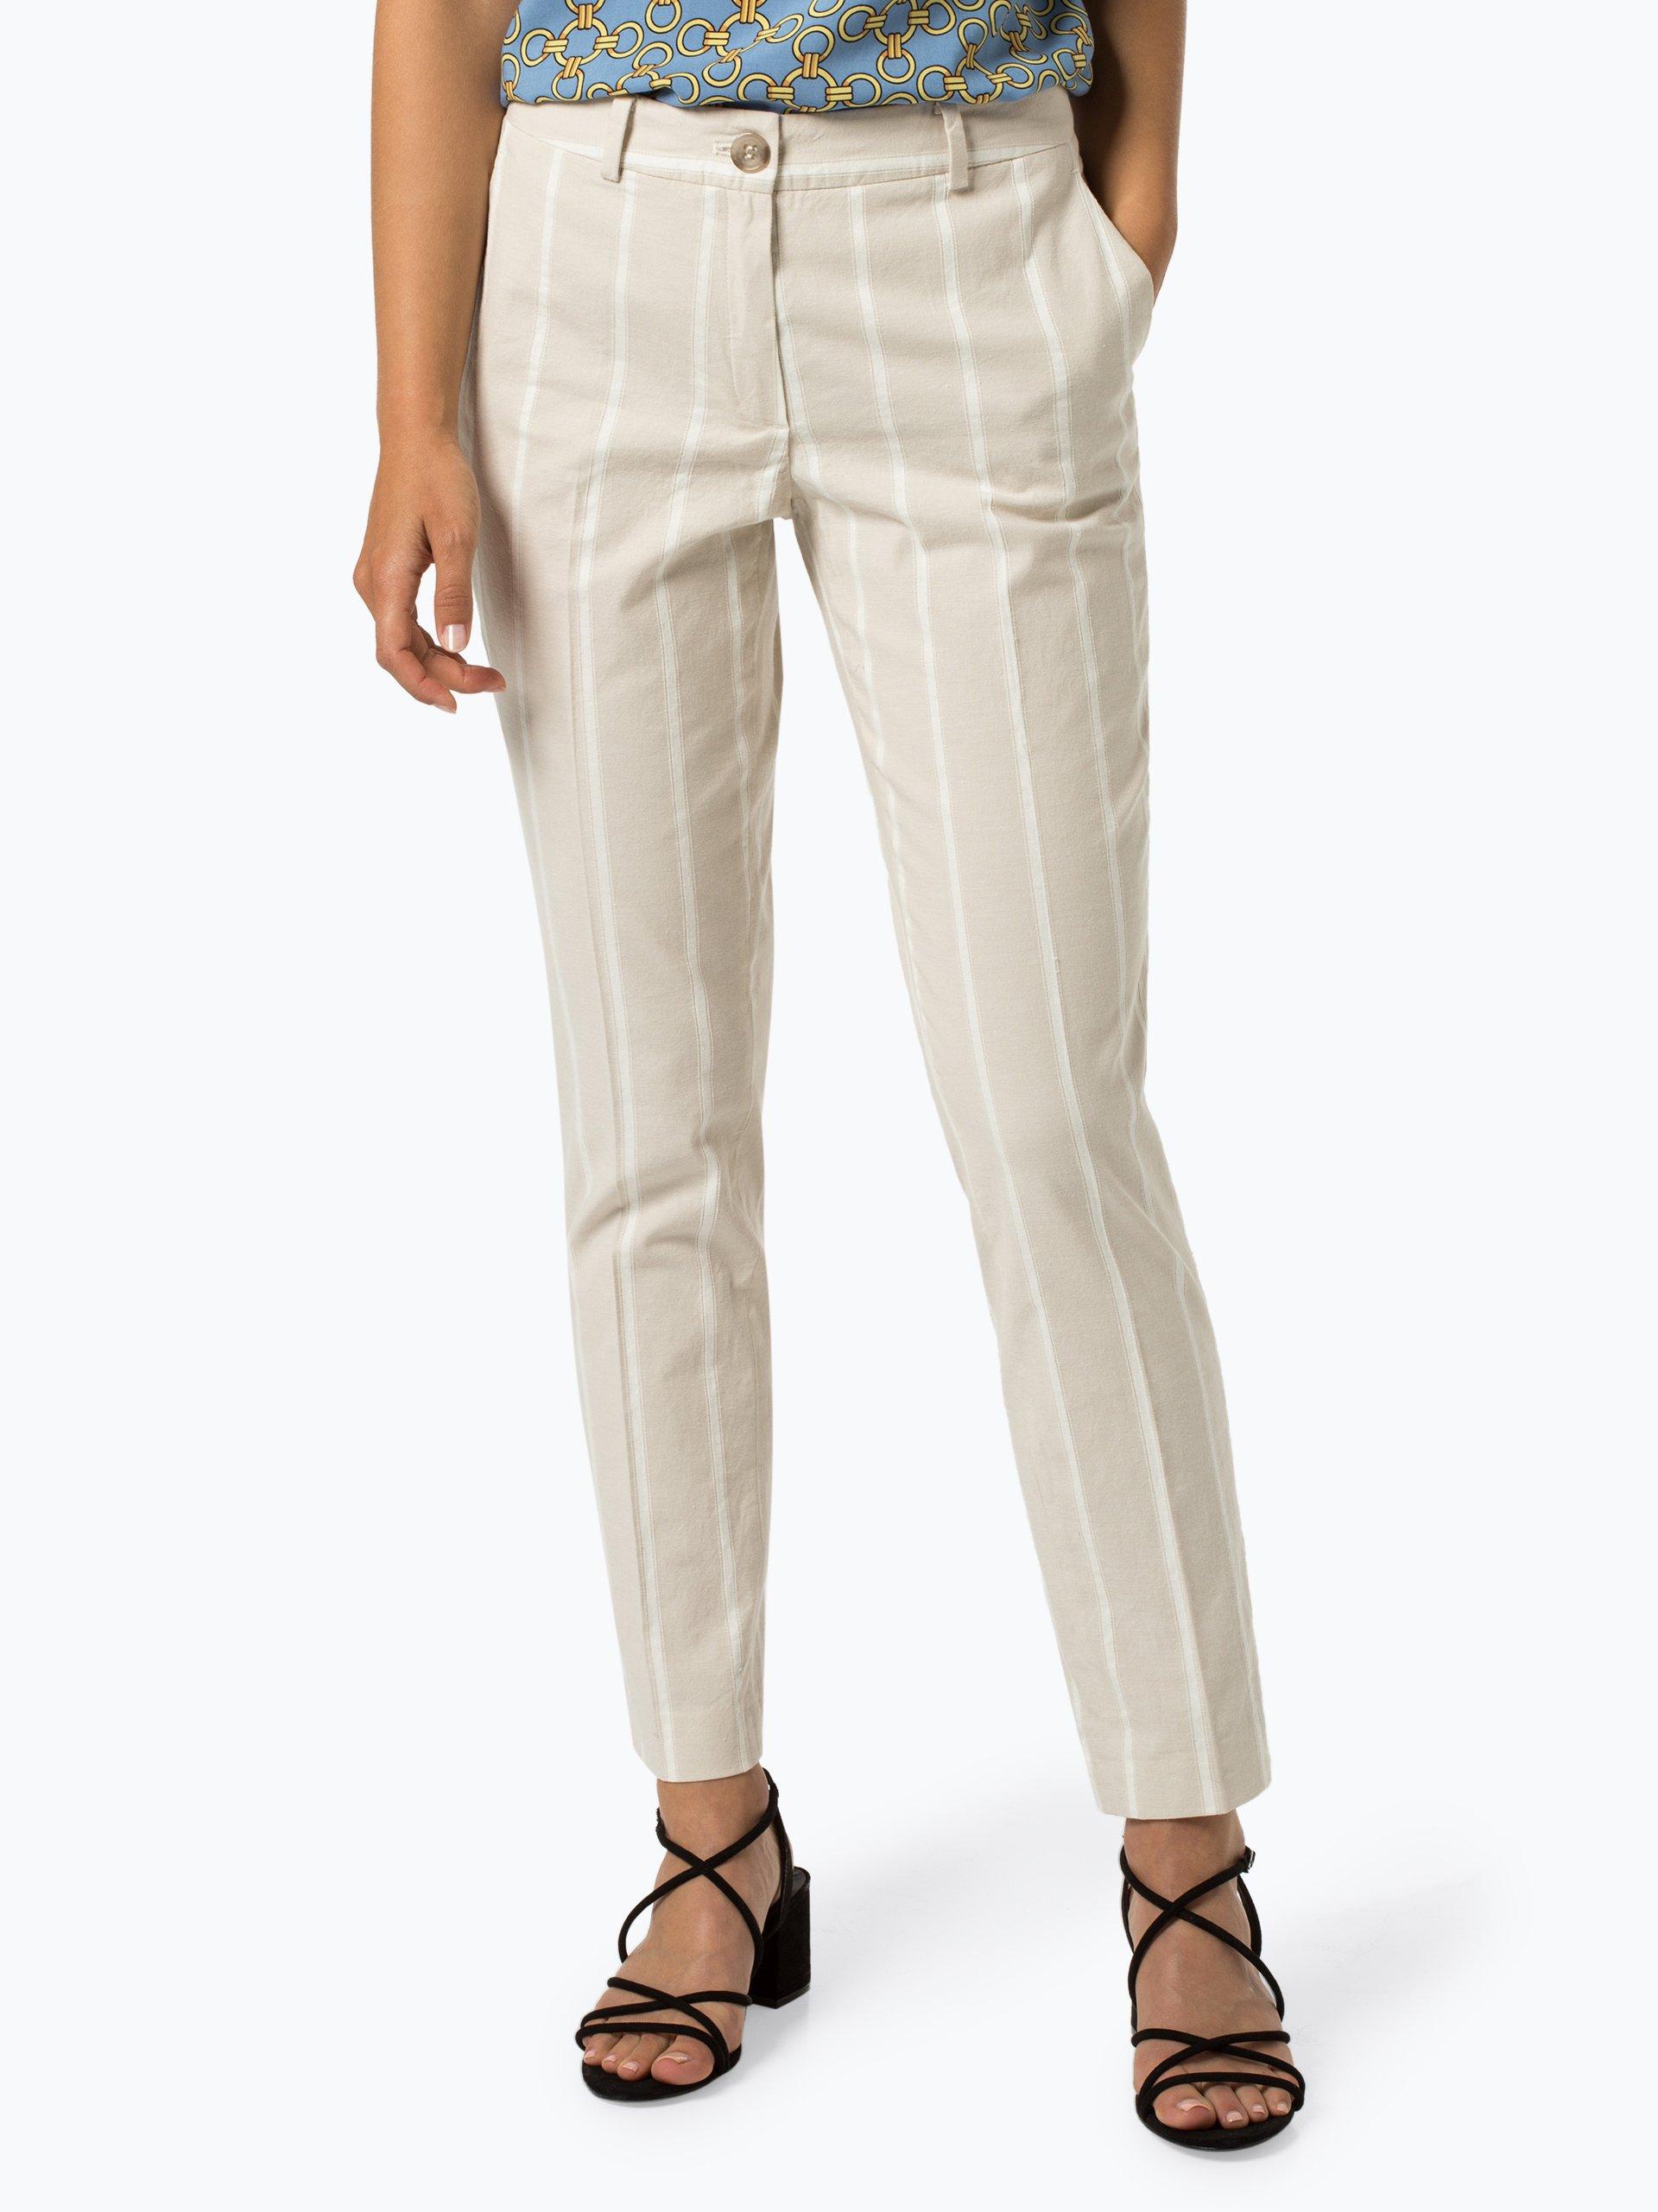 More & More Spodnie damskie z dodatkiem lnu